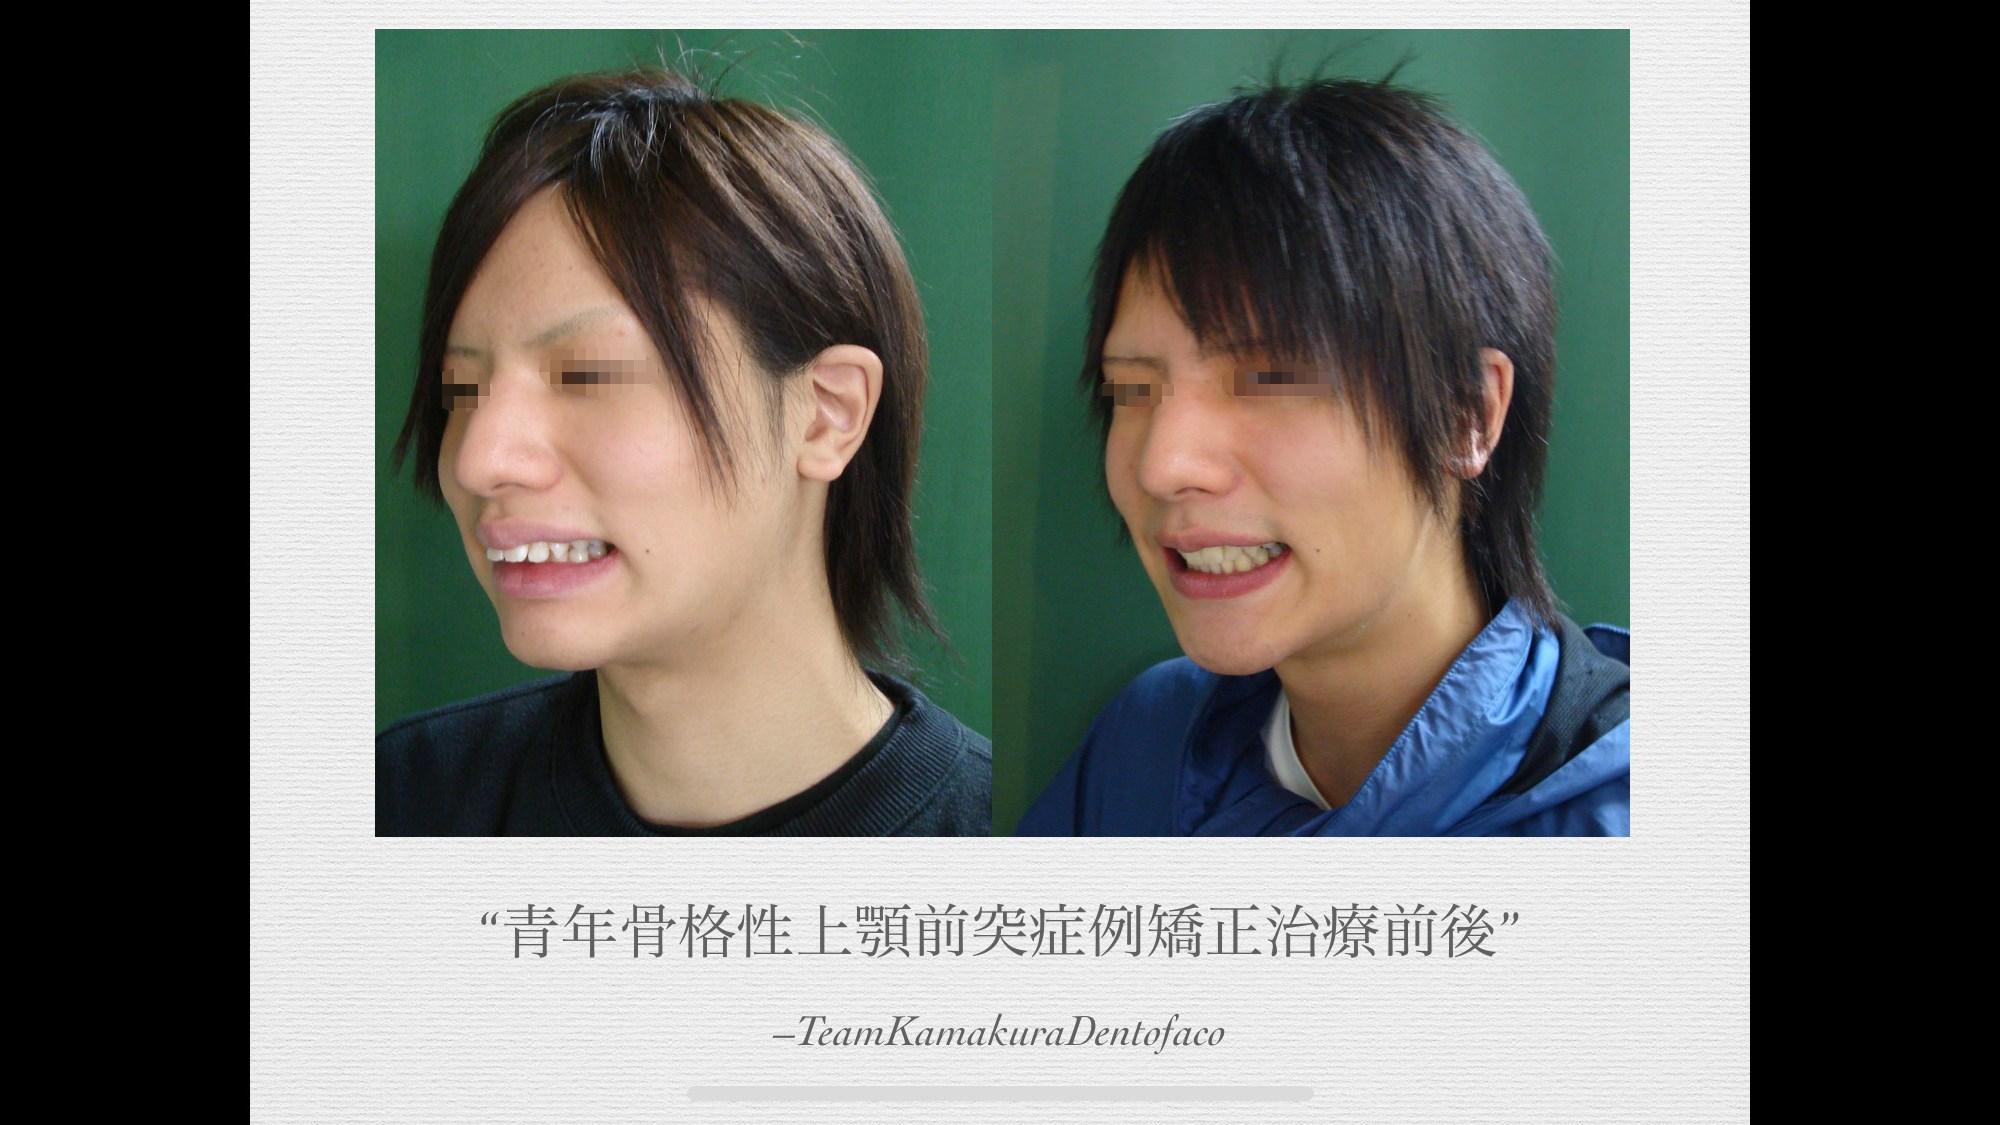 骨格性上顎前突青年症例